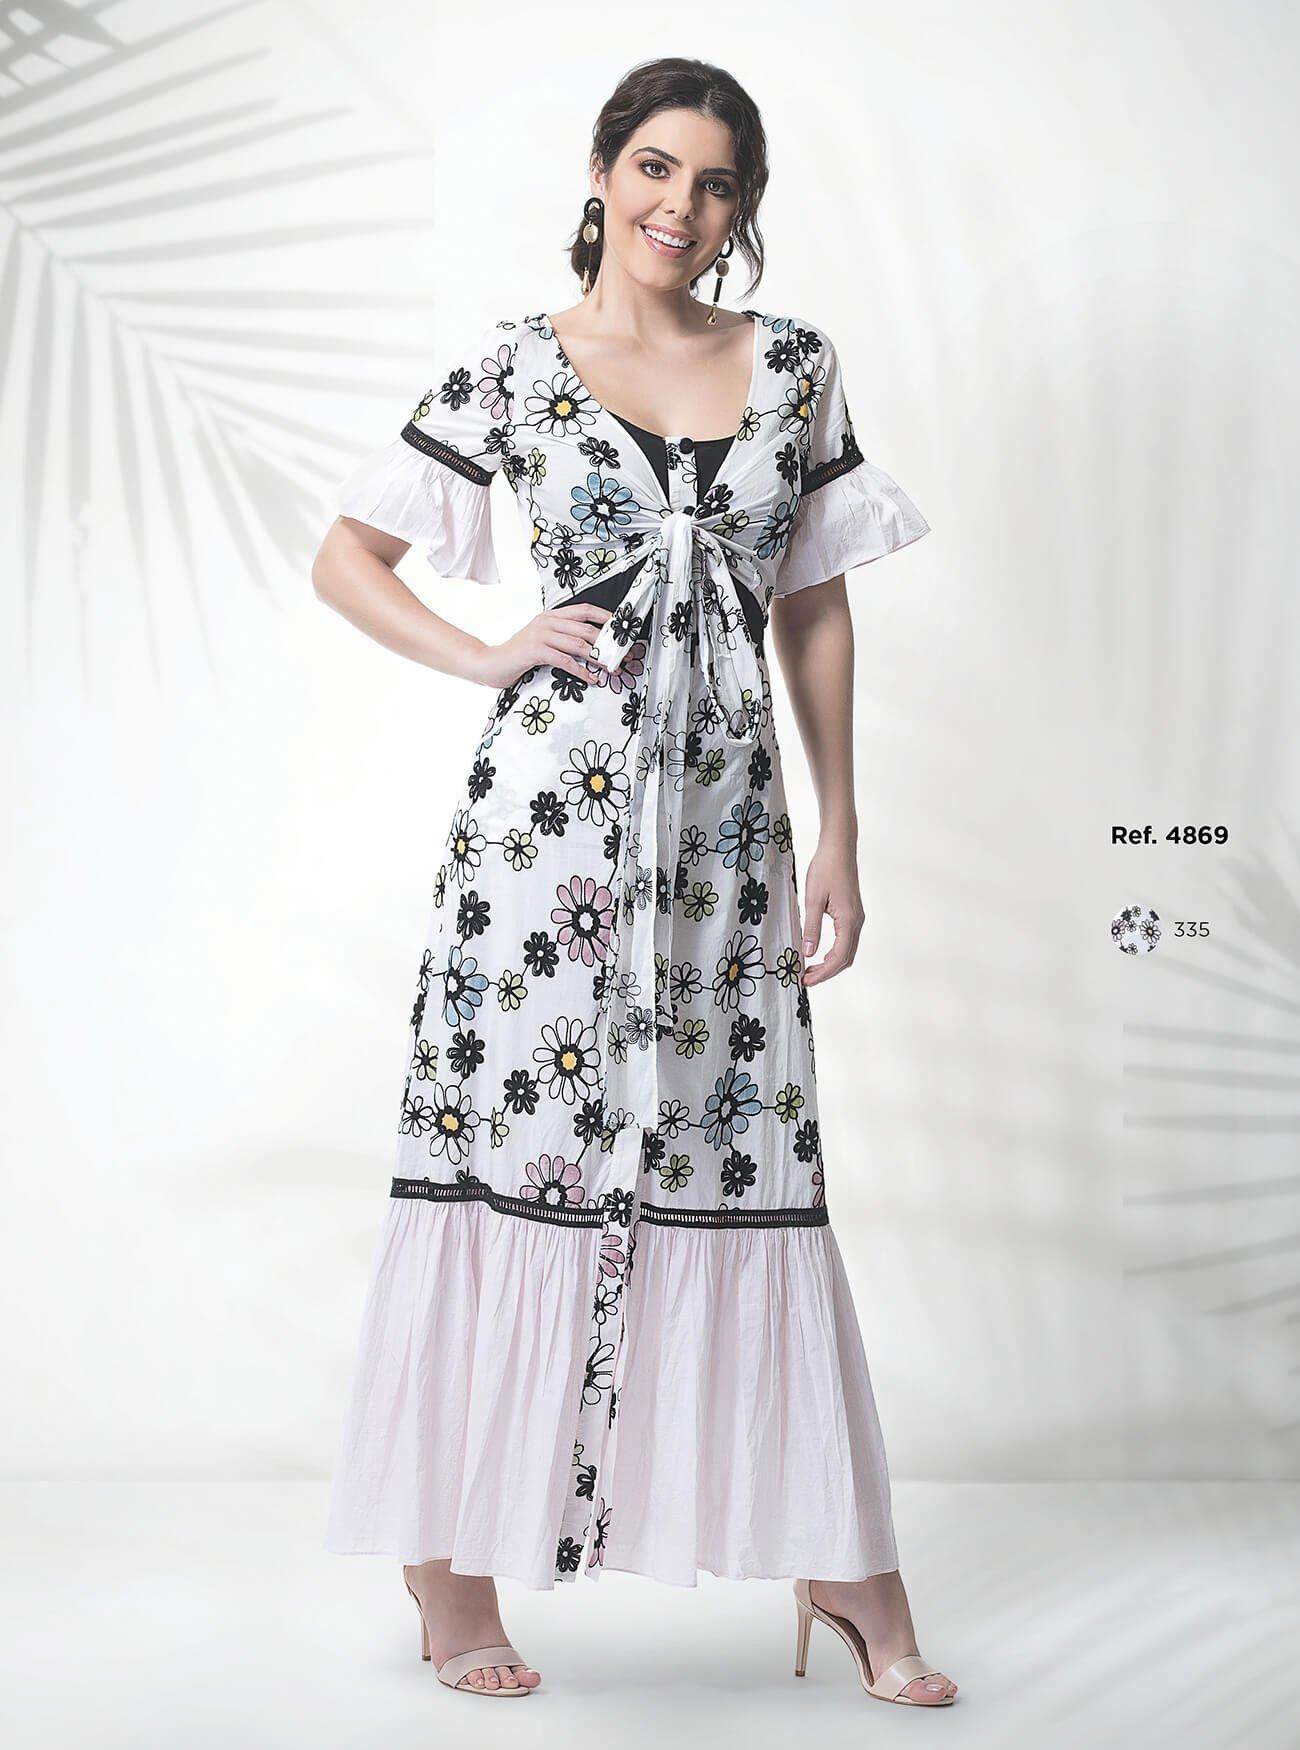 Vestido floral com detalhe de amarração